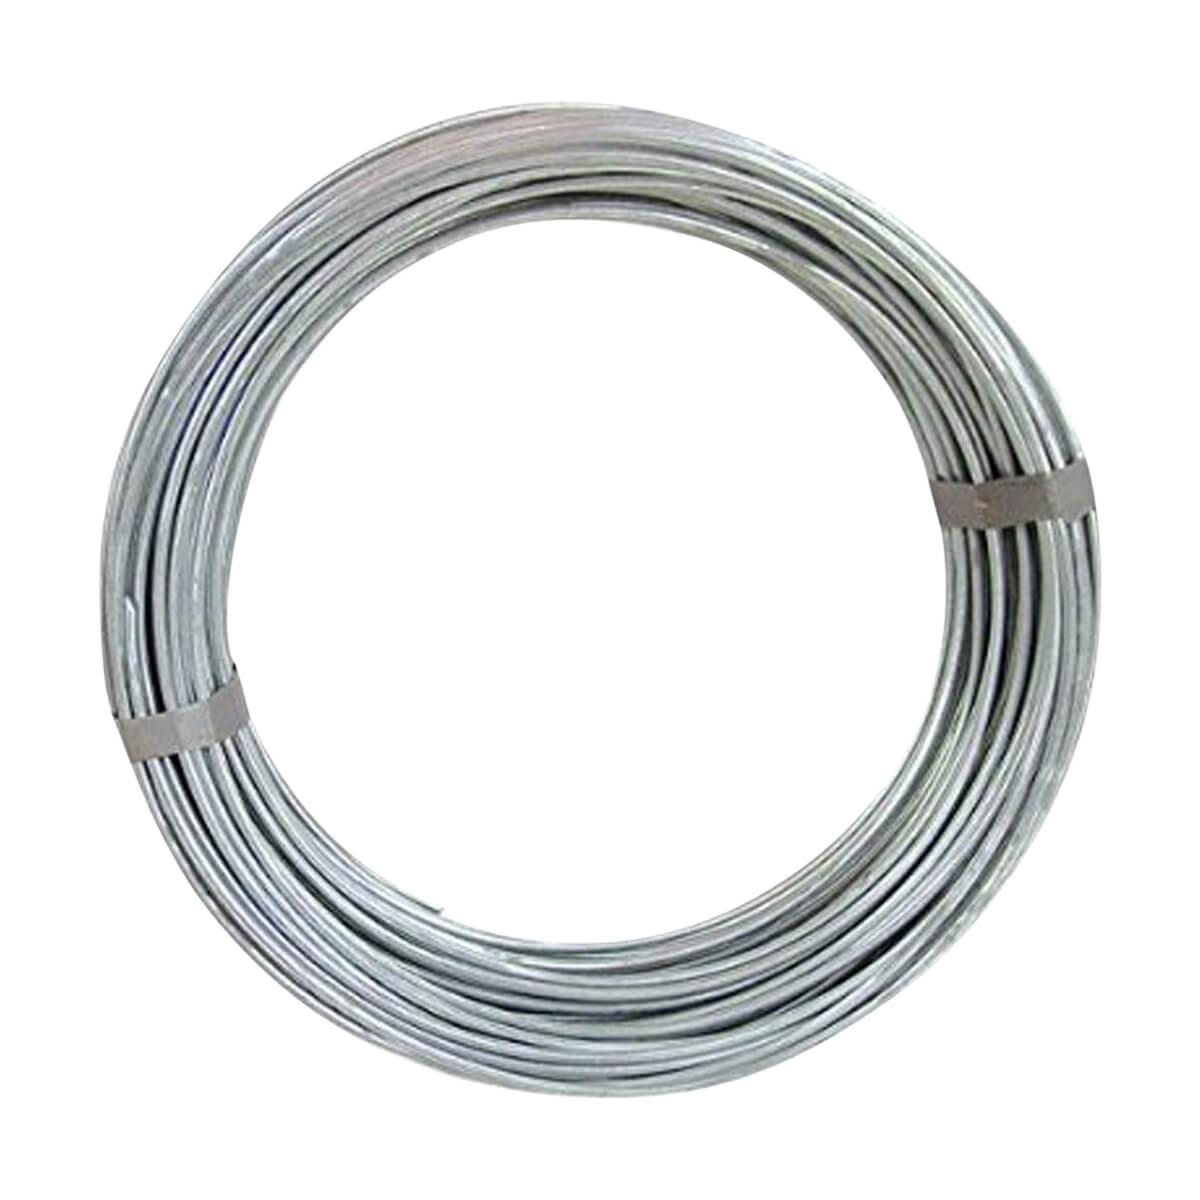 Galvanized Wire - 9GA / 50LB